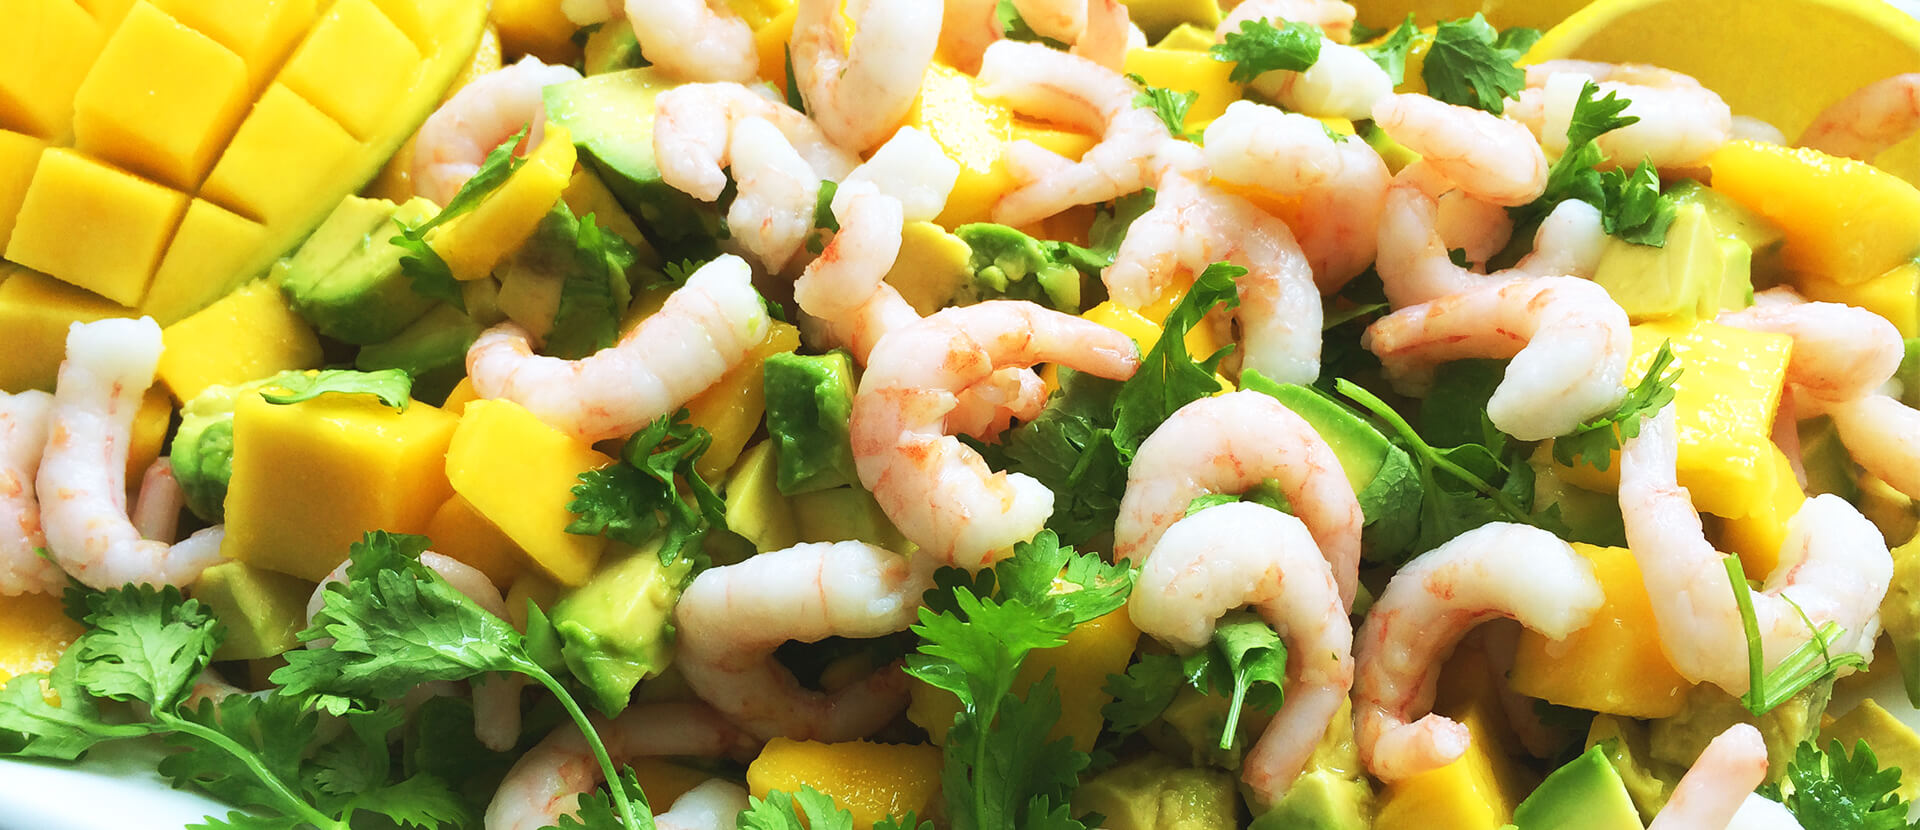 Mango Salat Med Rejer Og Avocado Få Opskrift Tryk Her